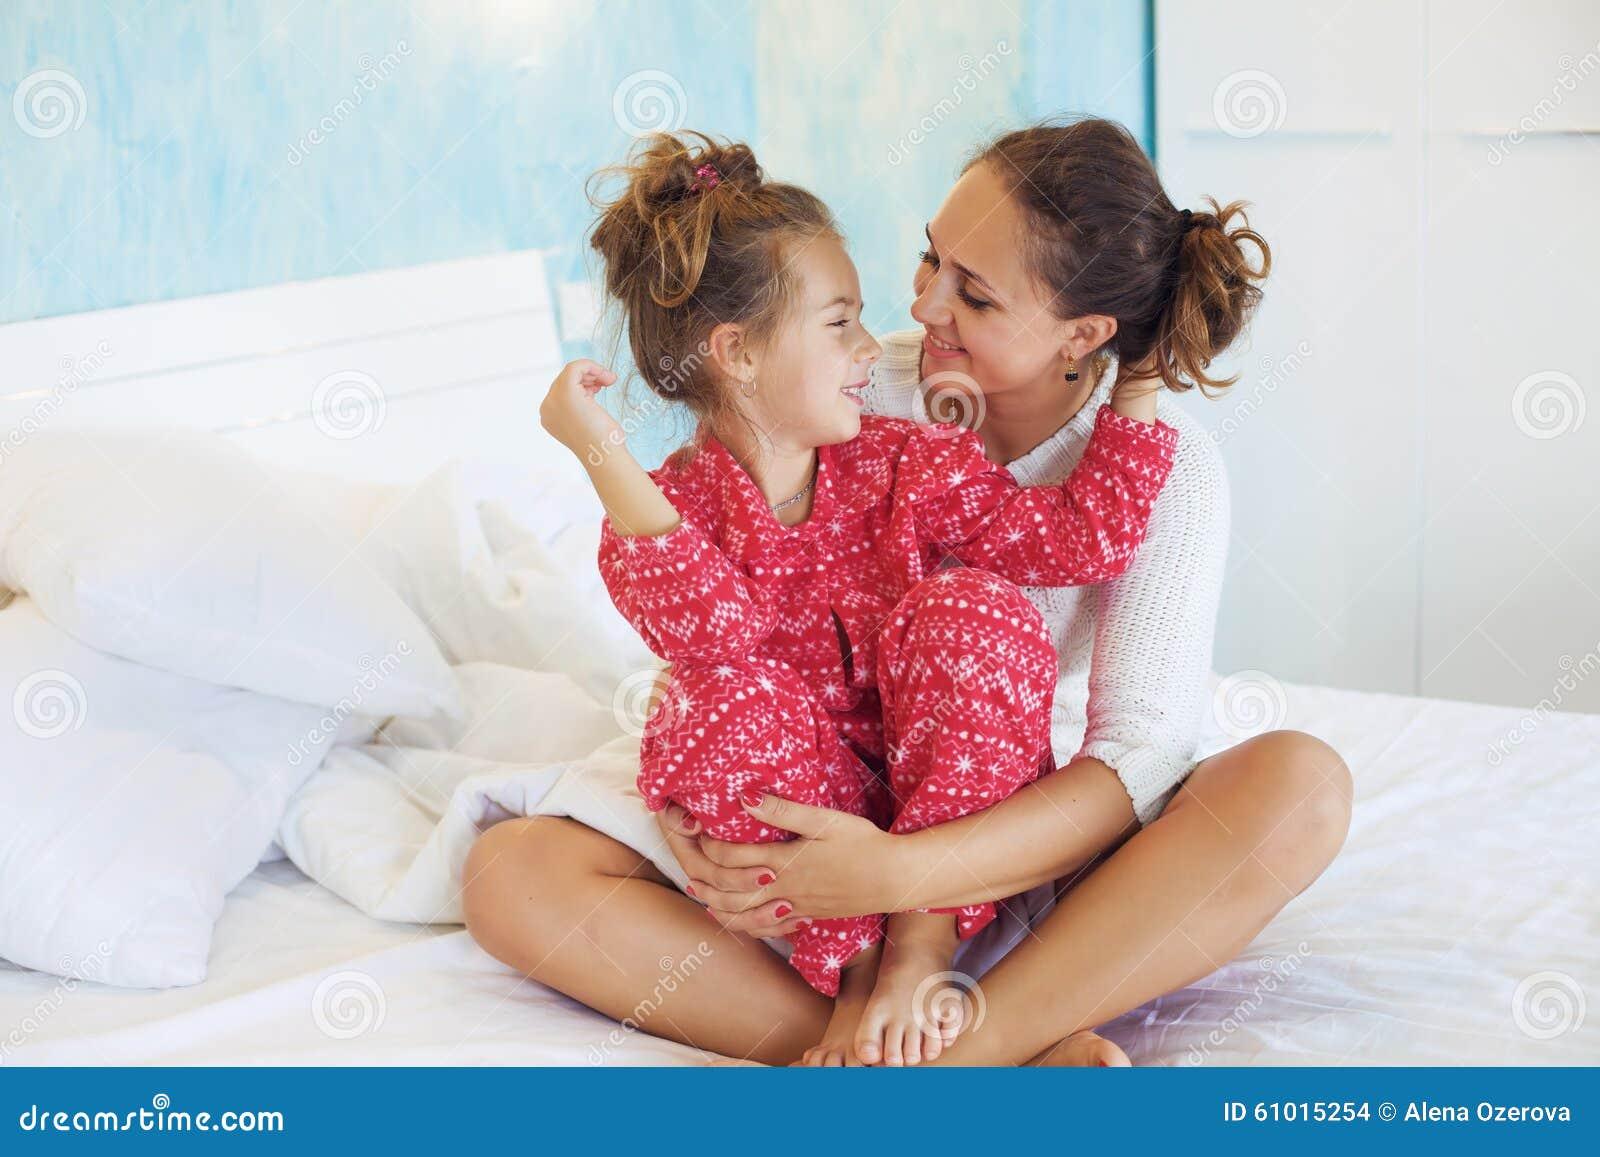 Трахнул старшую дочку, Отец трахнул дочь в красивом видео hd 720 20 фотография